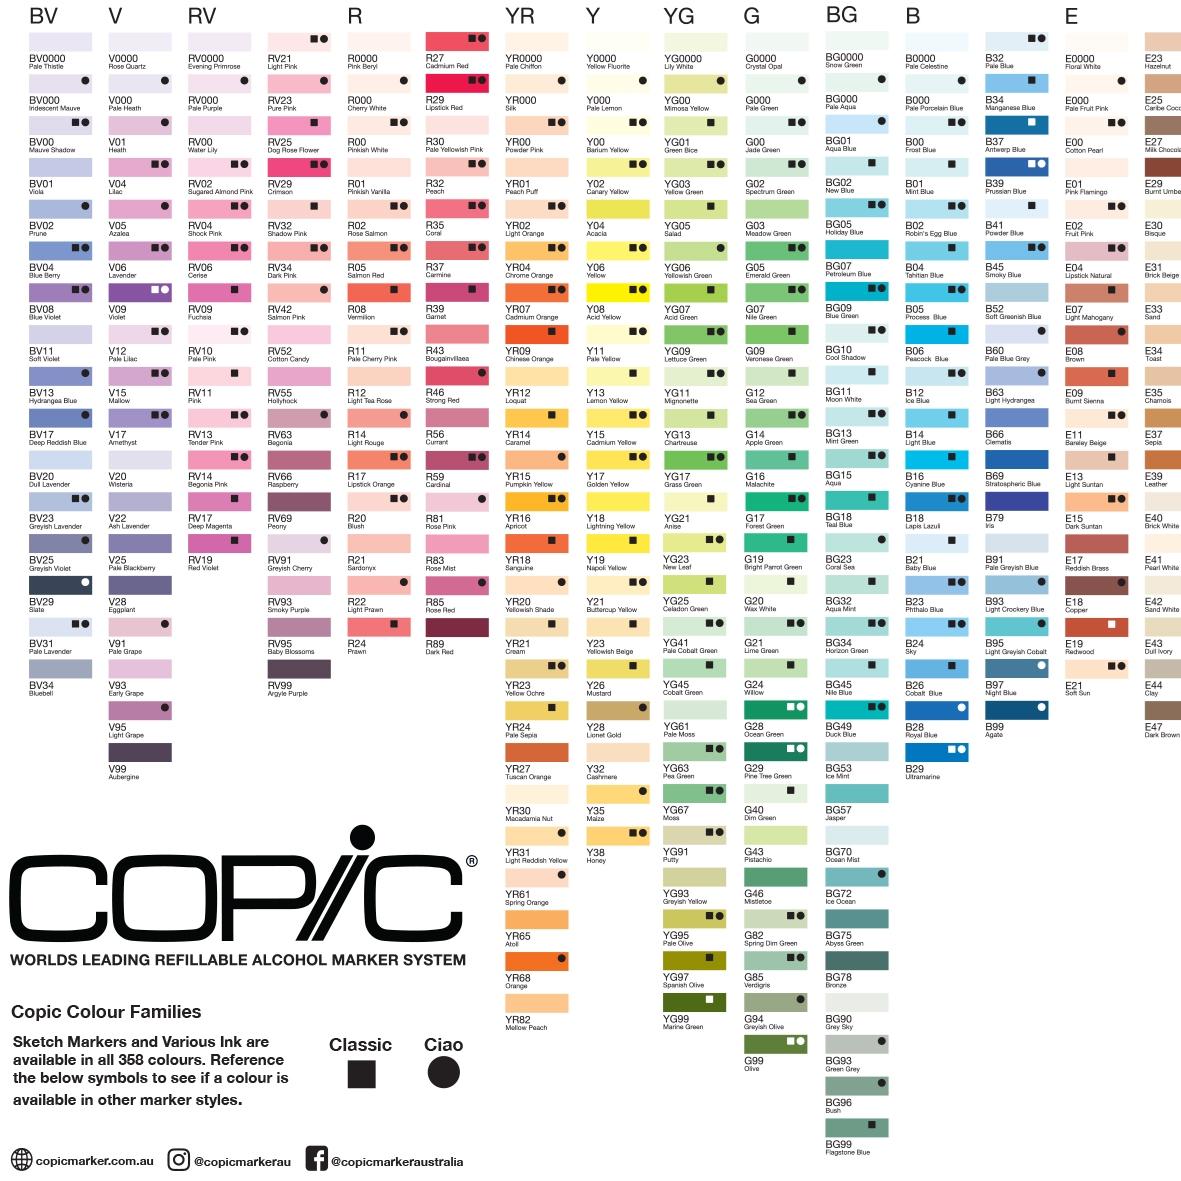 Copic Colour Chart 358 colours